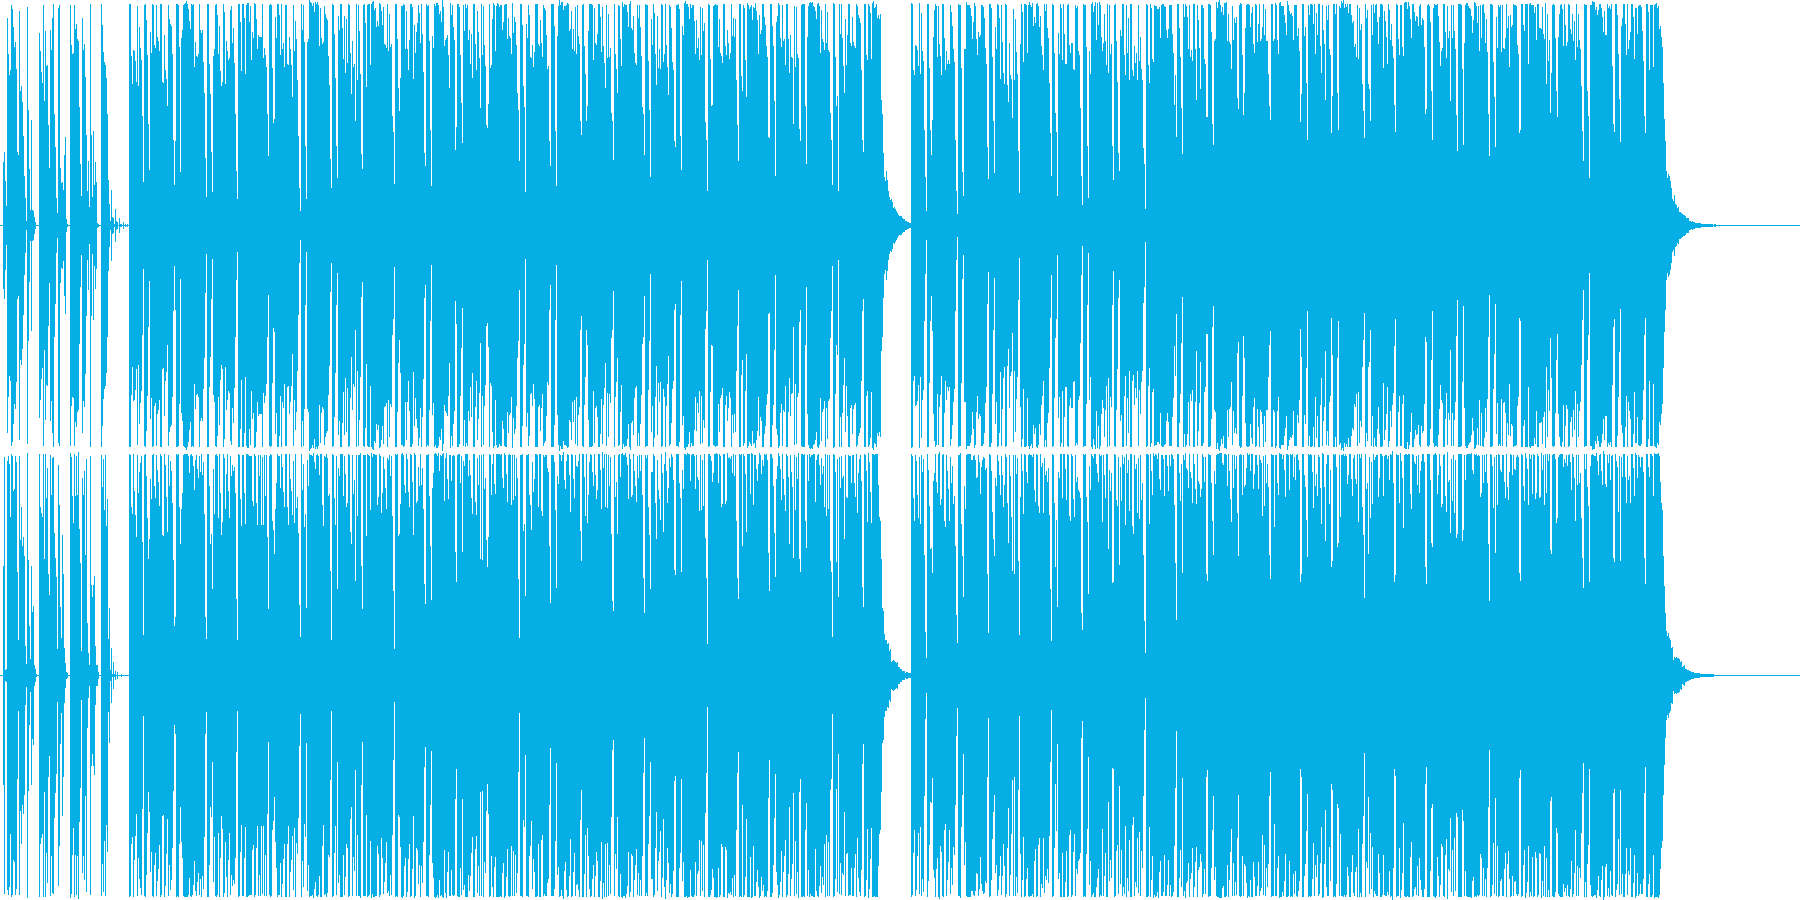 ブルゾンちえみの35億のようなBGMの再生済みの波形